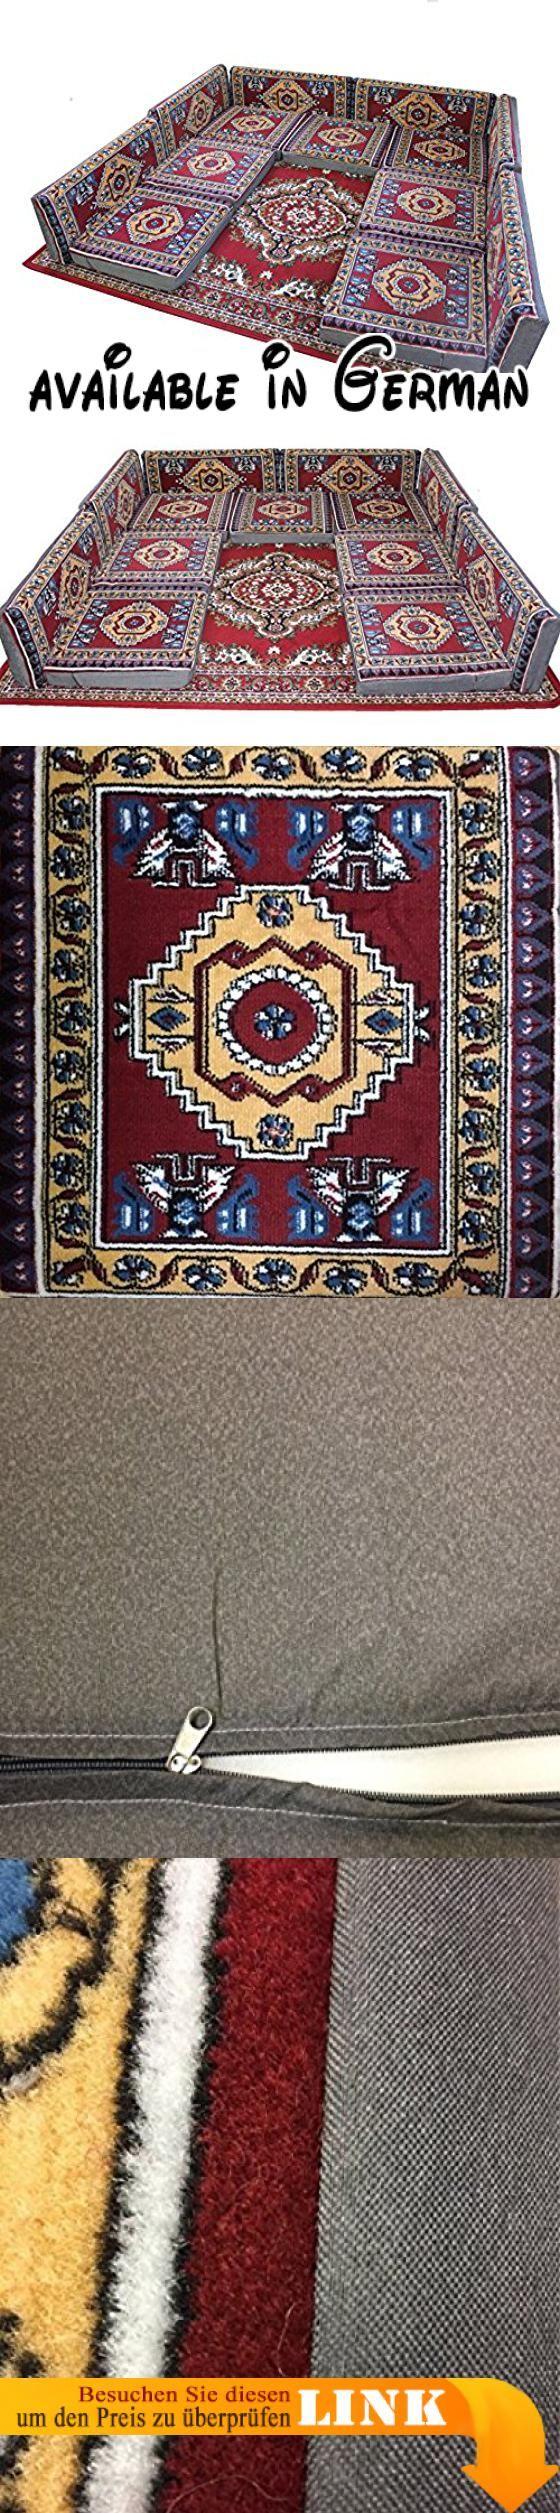 B0781R8KBM : 13 Teilige Set Sark Kösesi Orientalische Sitzecke ...